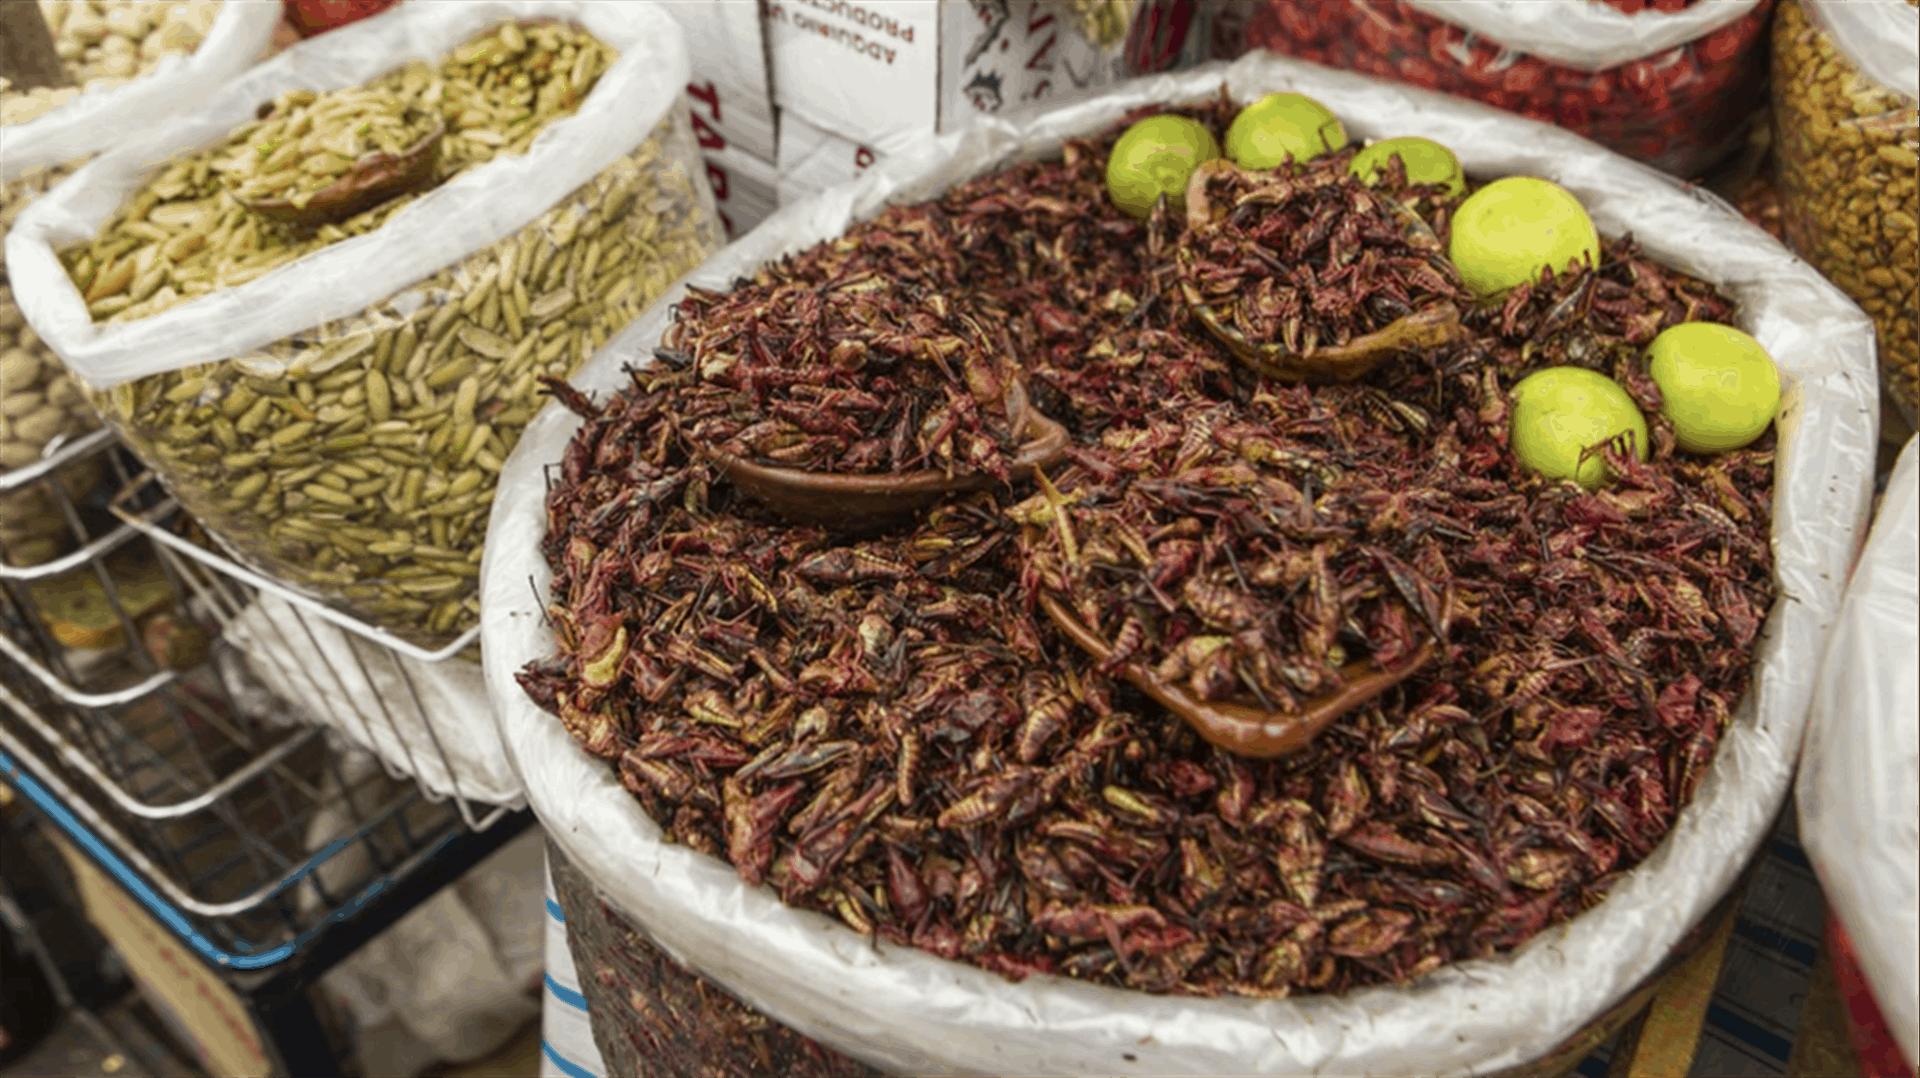 Consumo irresponsable provocaría extinción de insectos